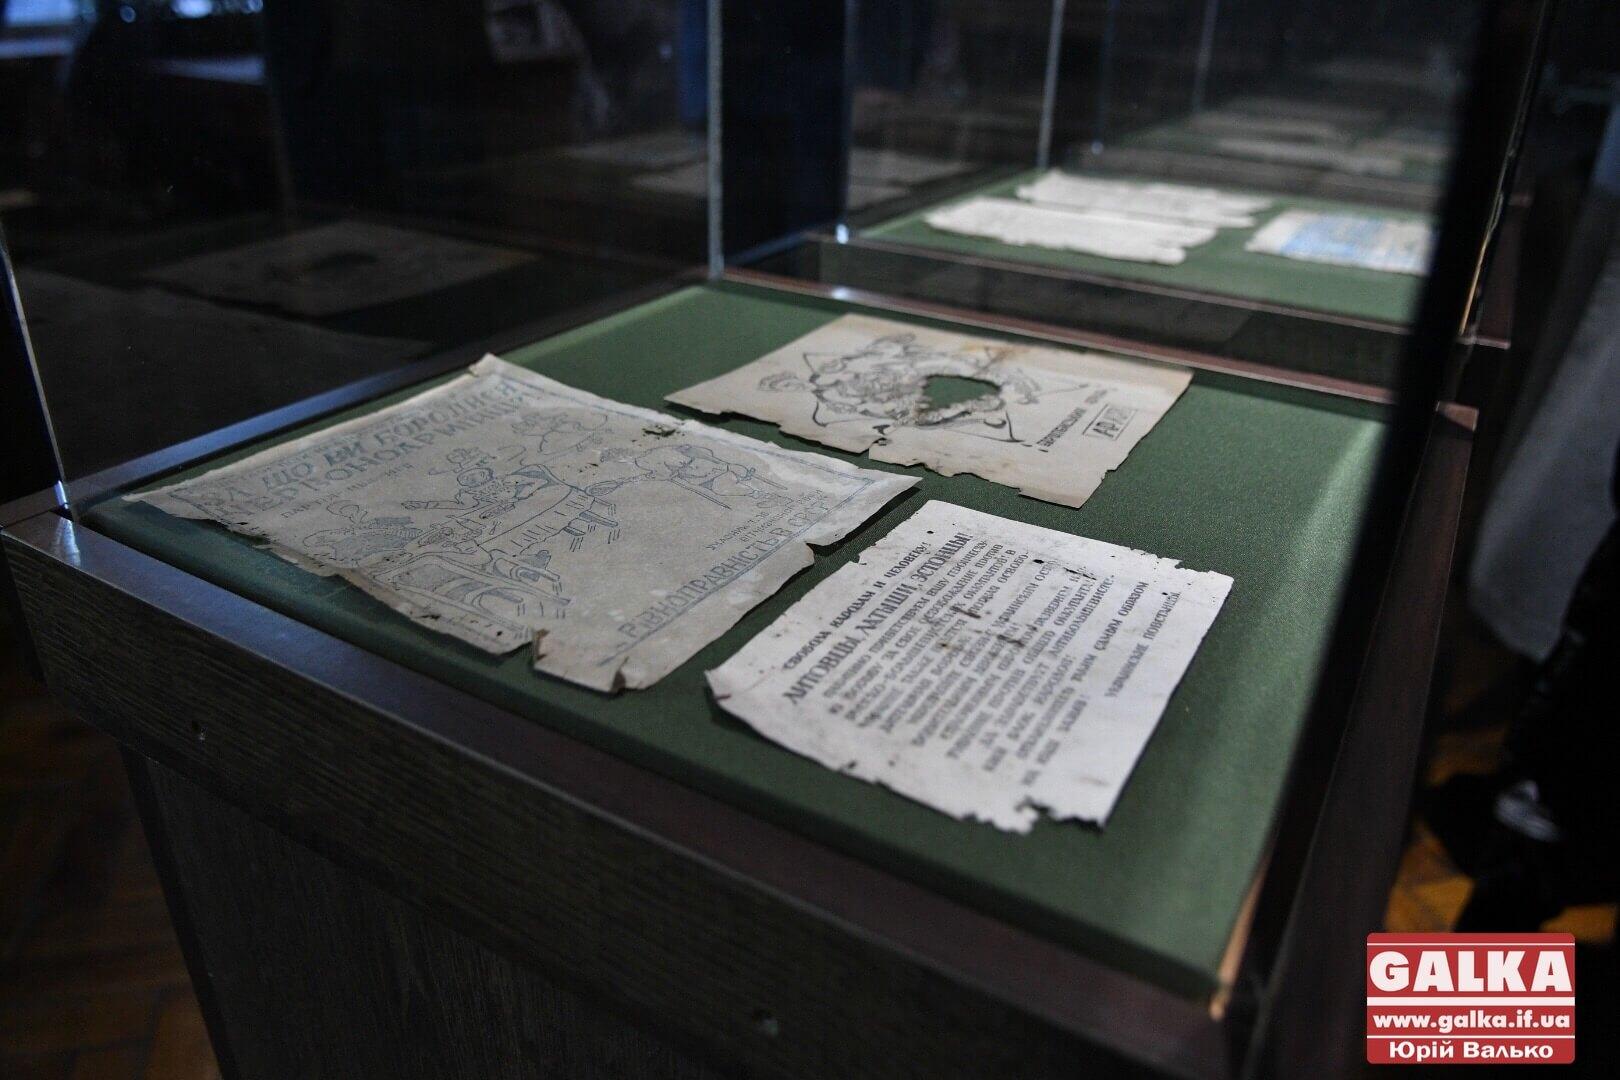 Франківський музей отримав оригінальні листівки ОУН та УПА 40-их років (ФОТО)